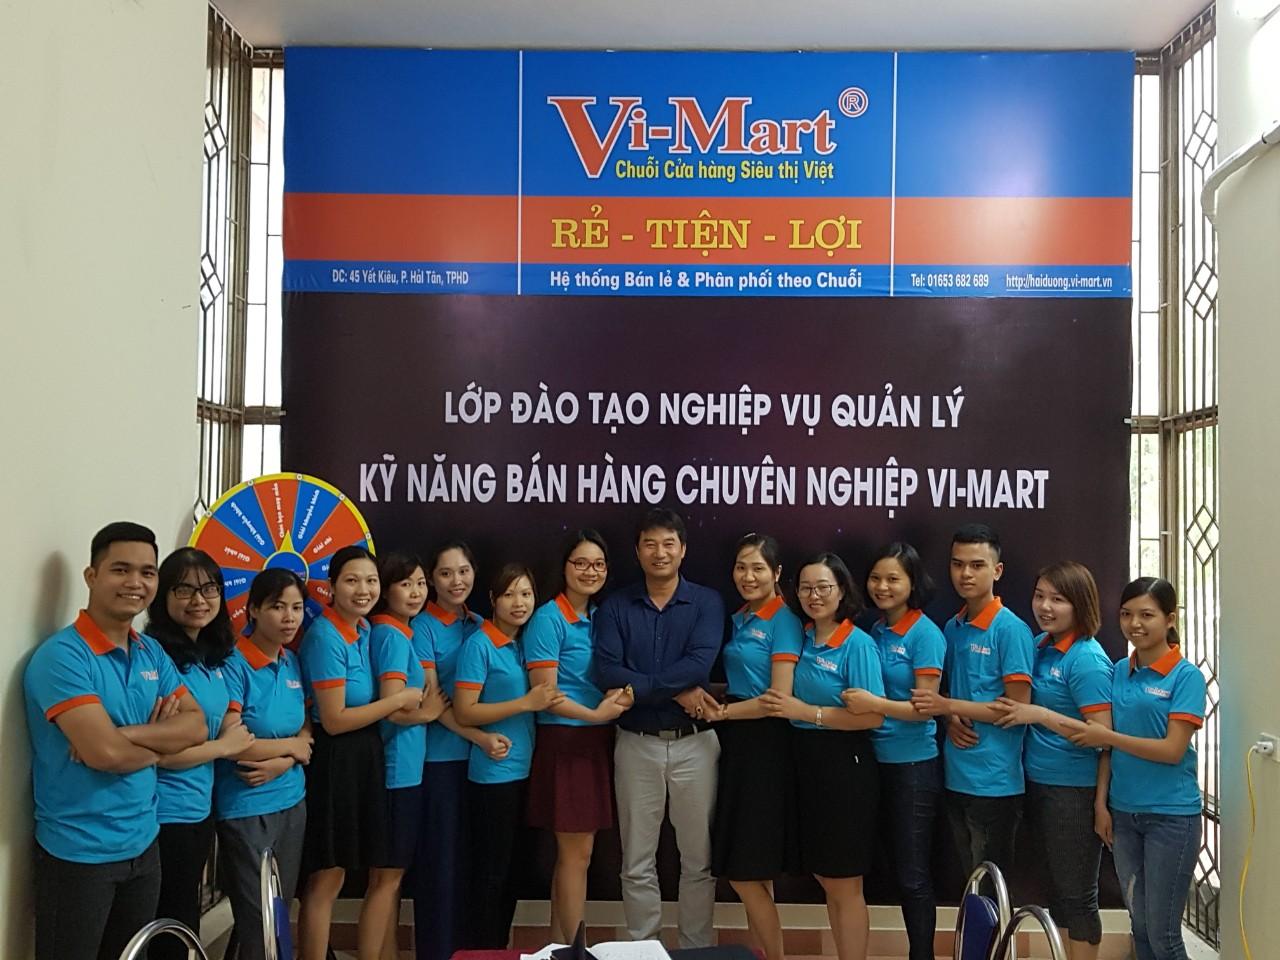 Khóa đào tạo nghiệp vụ Vi-Mart